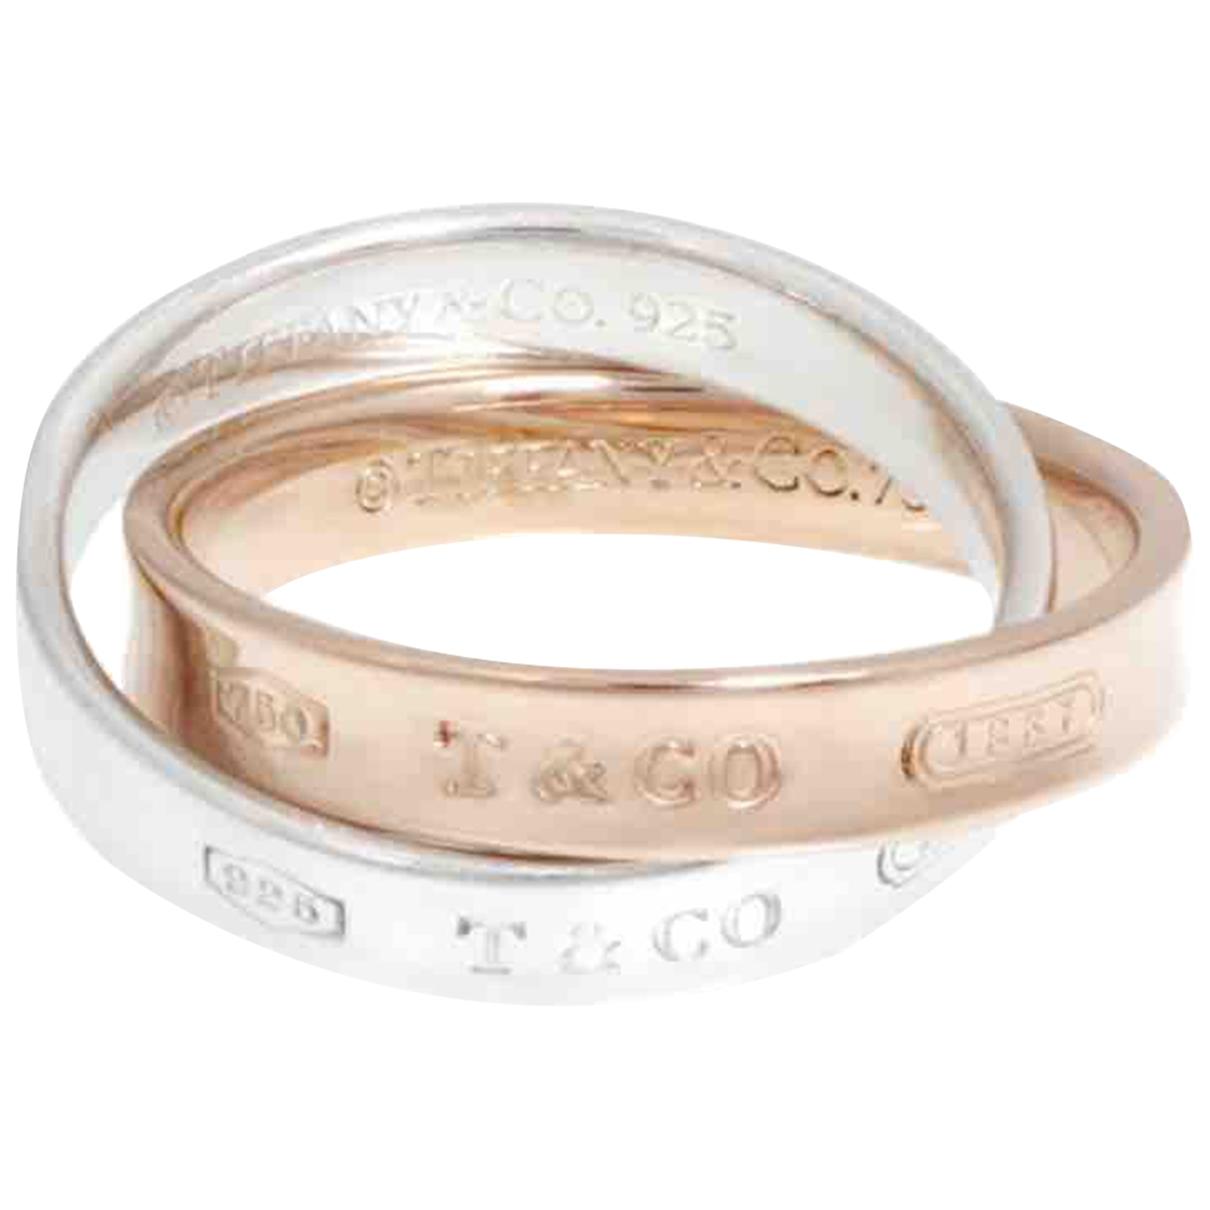 Tiffany & Co Tiffany 1837 Ring in  Rosa Rosegold